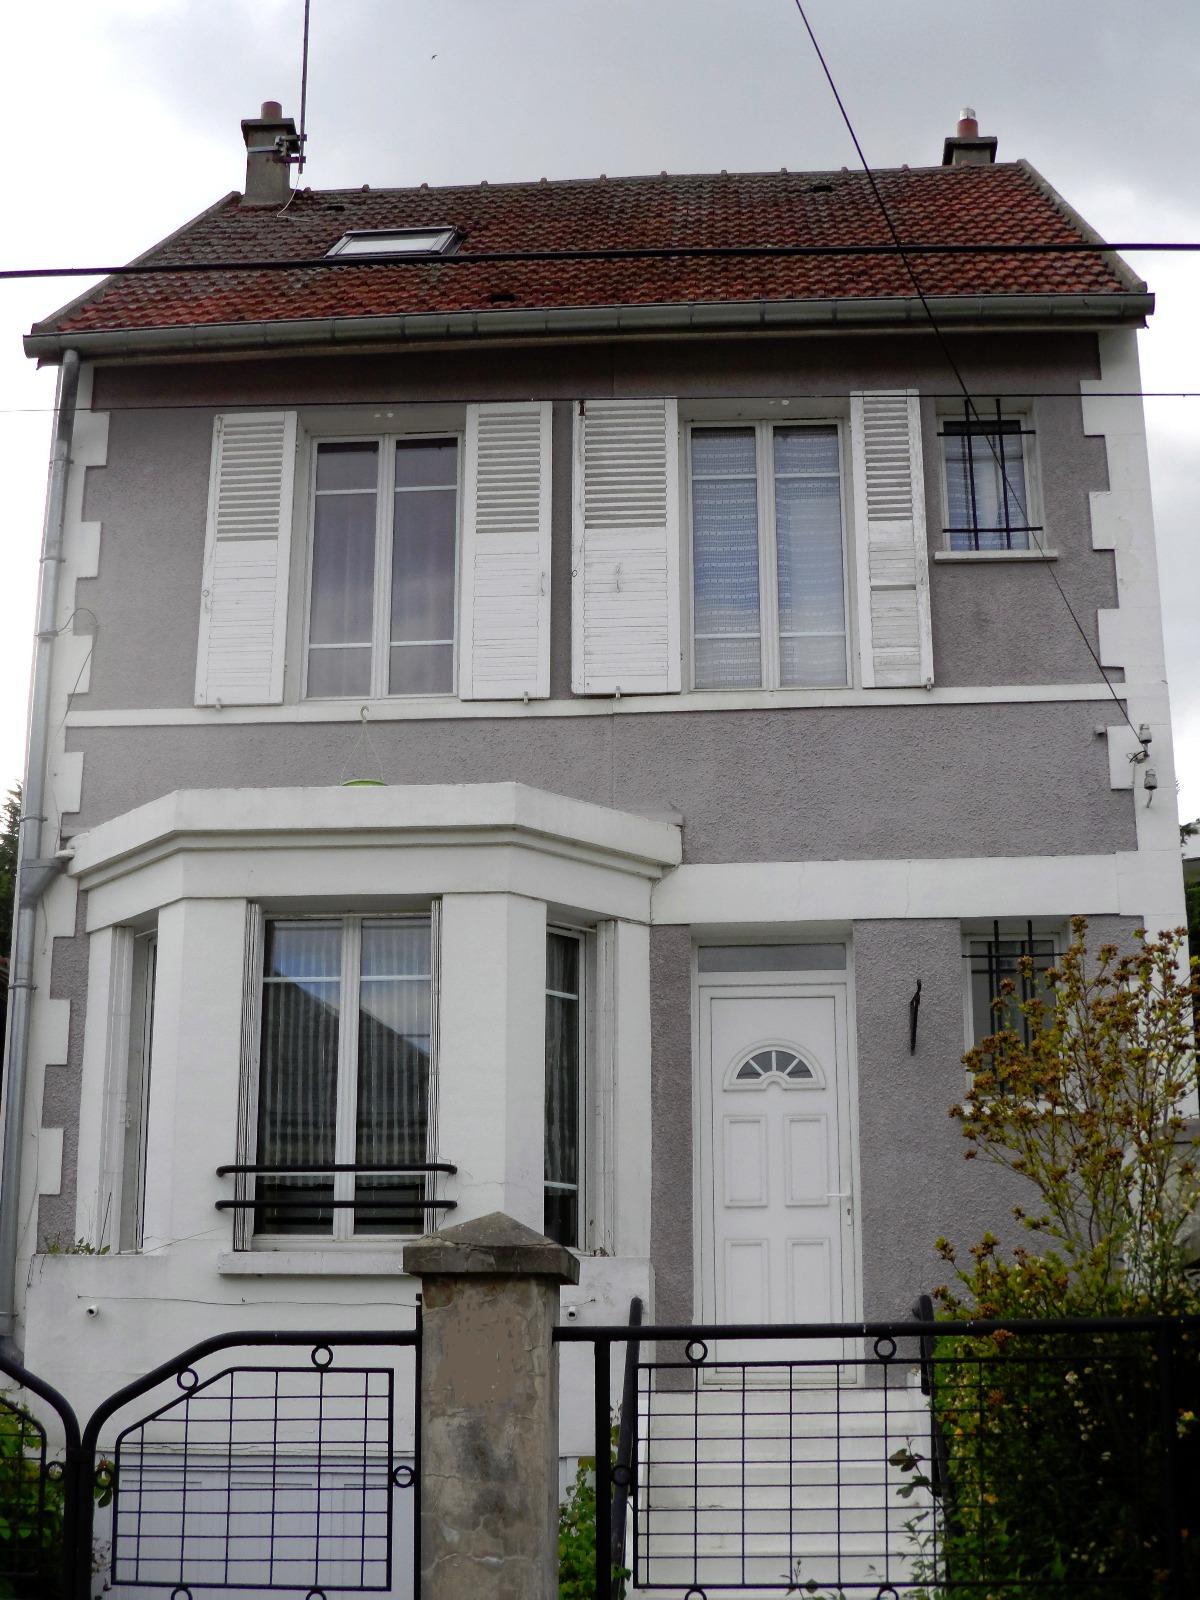 Vente maison ancienne nogent sur oise 60180 104m avec 5 pi ce s dont 3 chambre s sur 193m - Chambre des metiers nogent sur oise ...